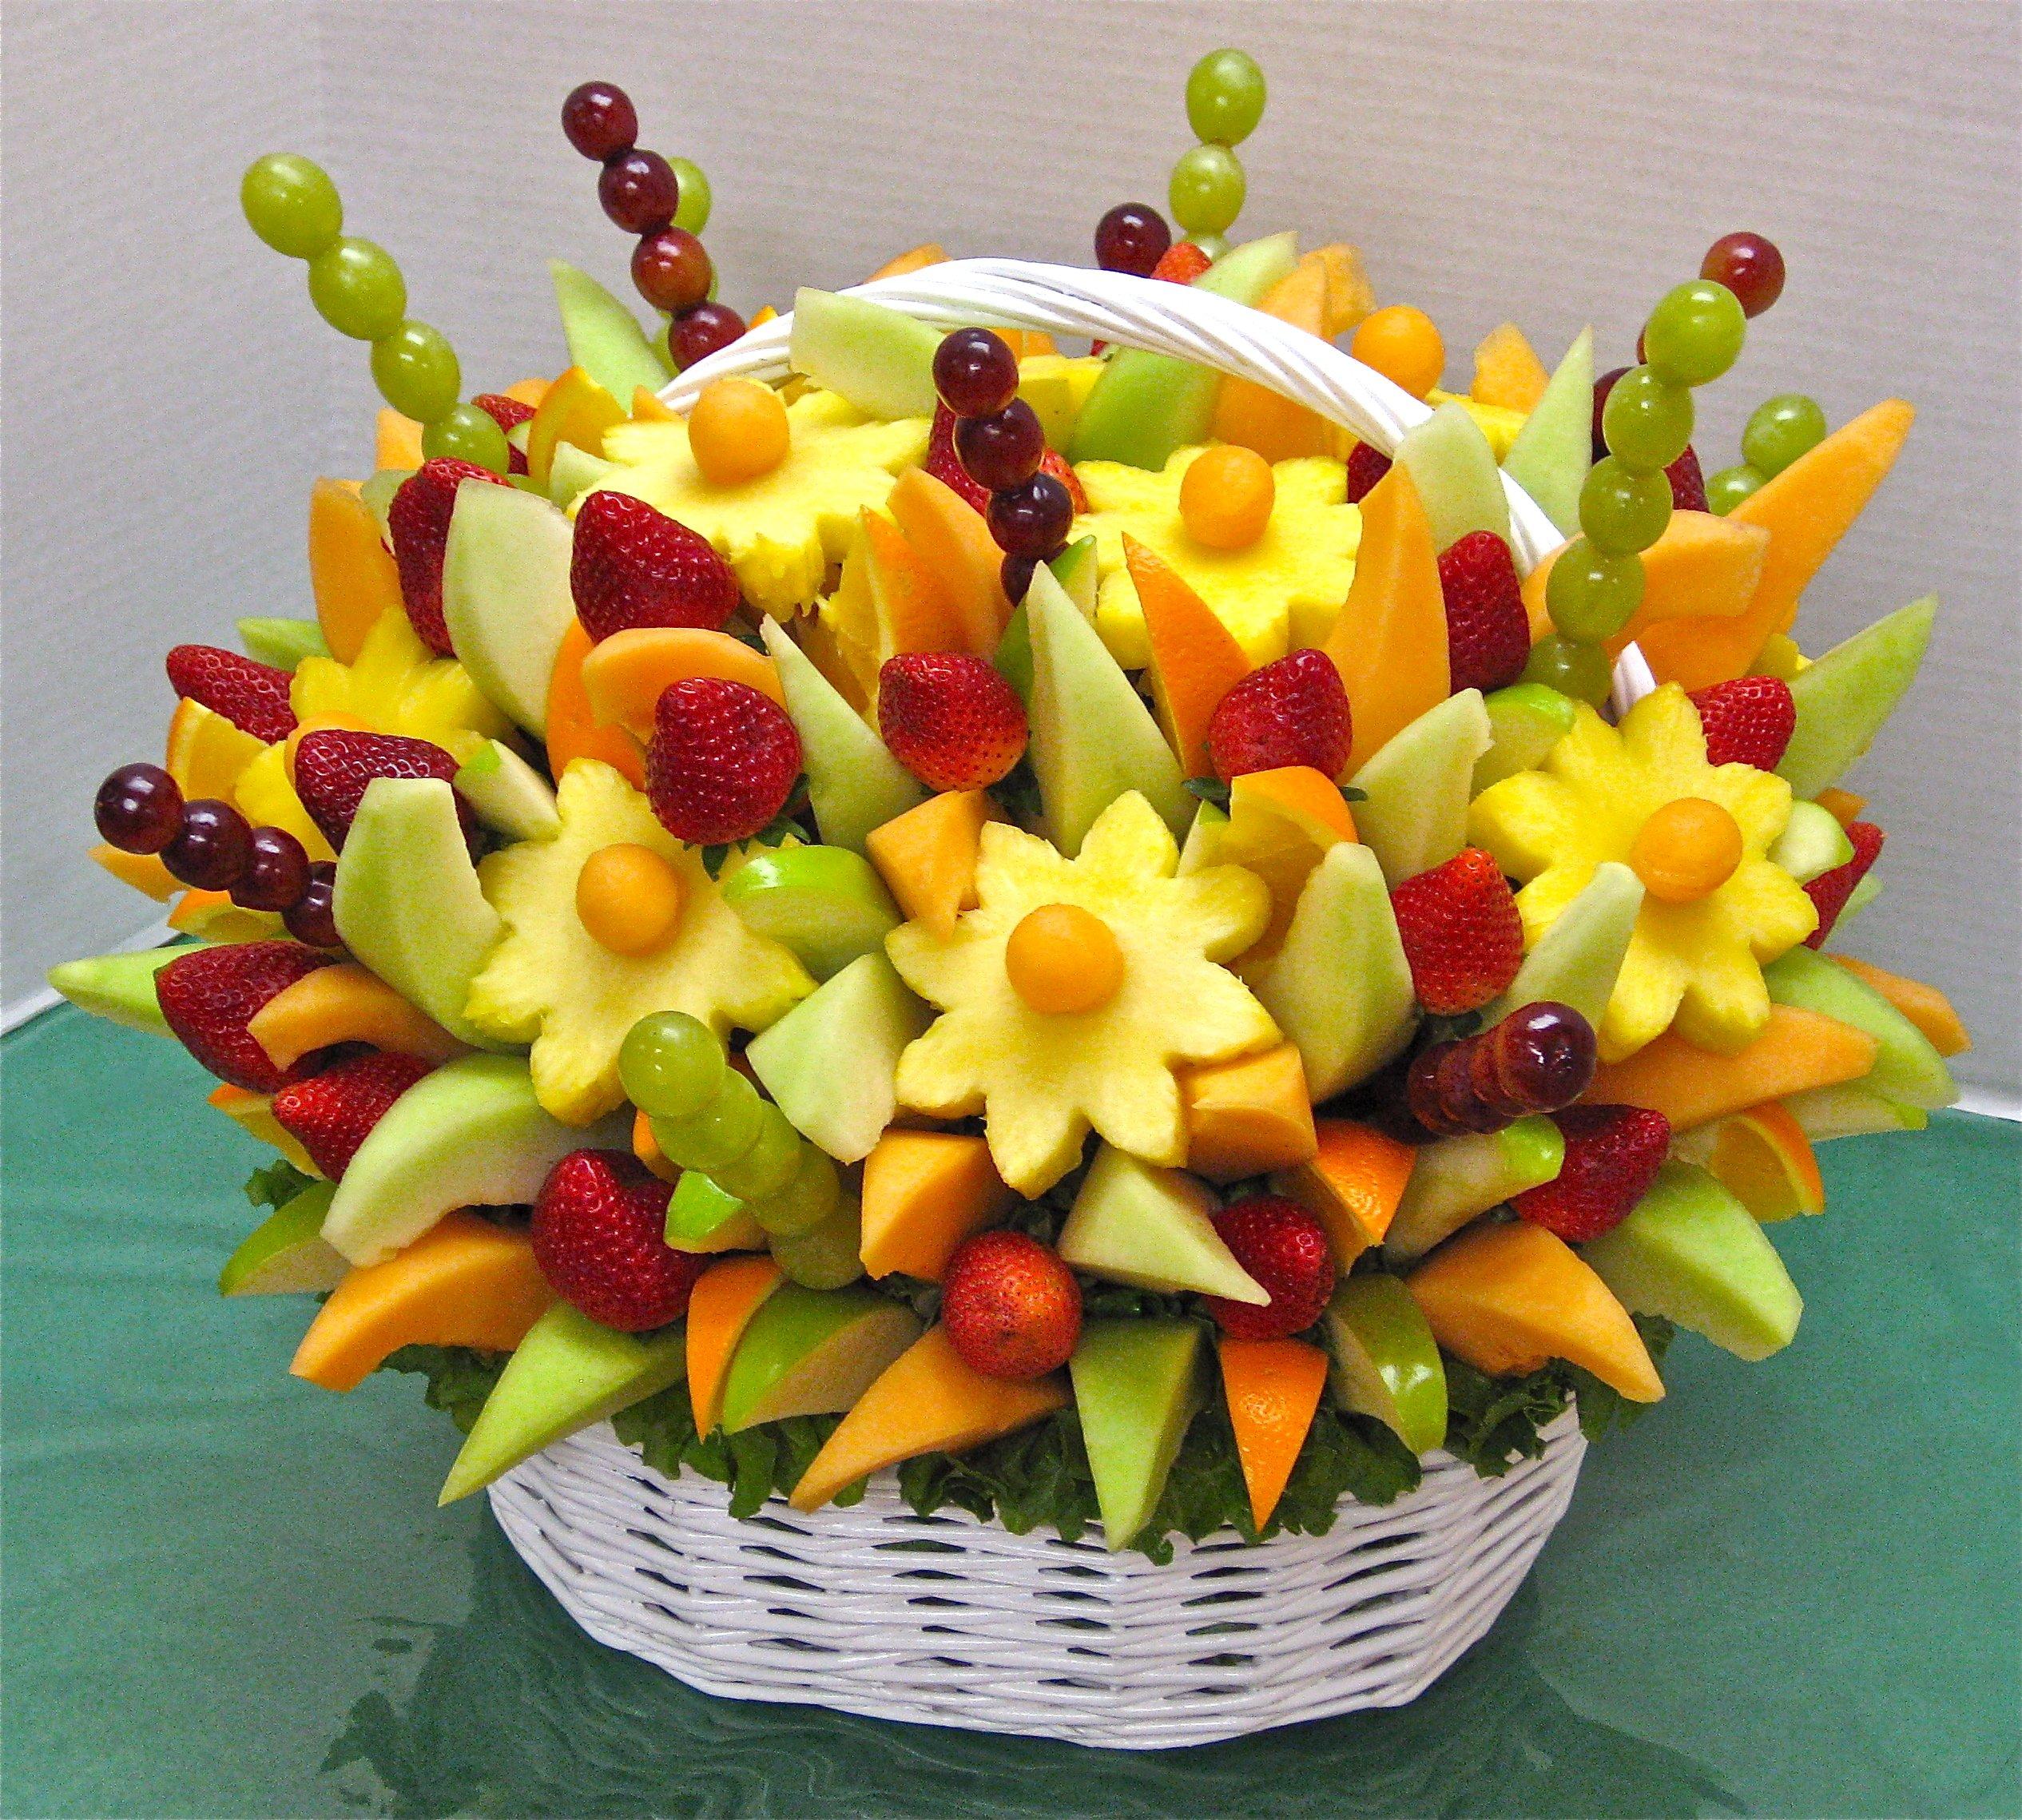 Как сделать своими руками корзинку для фруктов